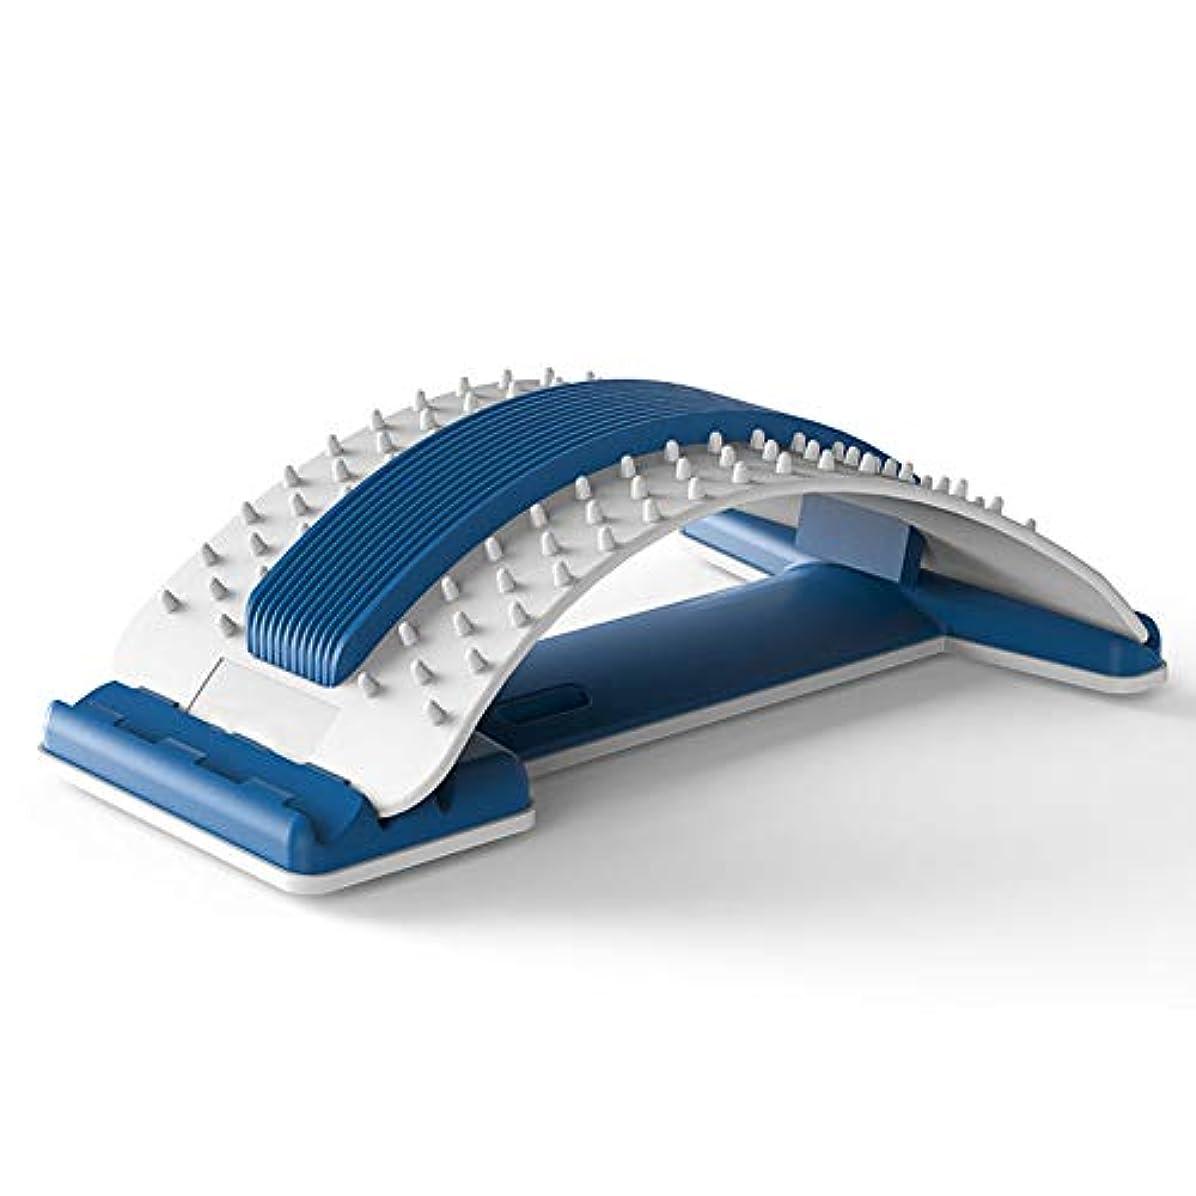 汚染するヒップまたは腰椎矯正腰椎間板ヘルニアトラクターポータブル鍼治療パッド腰椎理学療法器具家庭用車